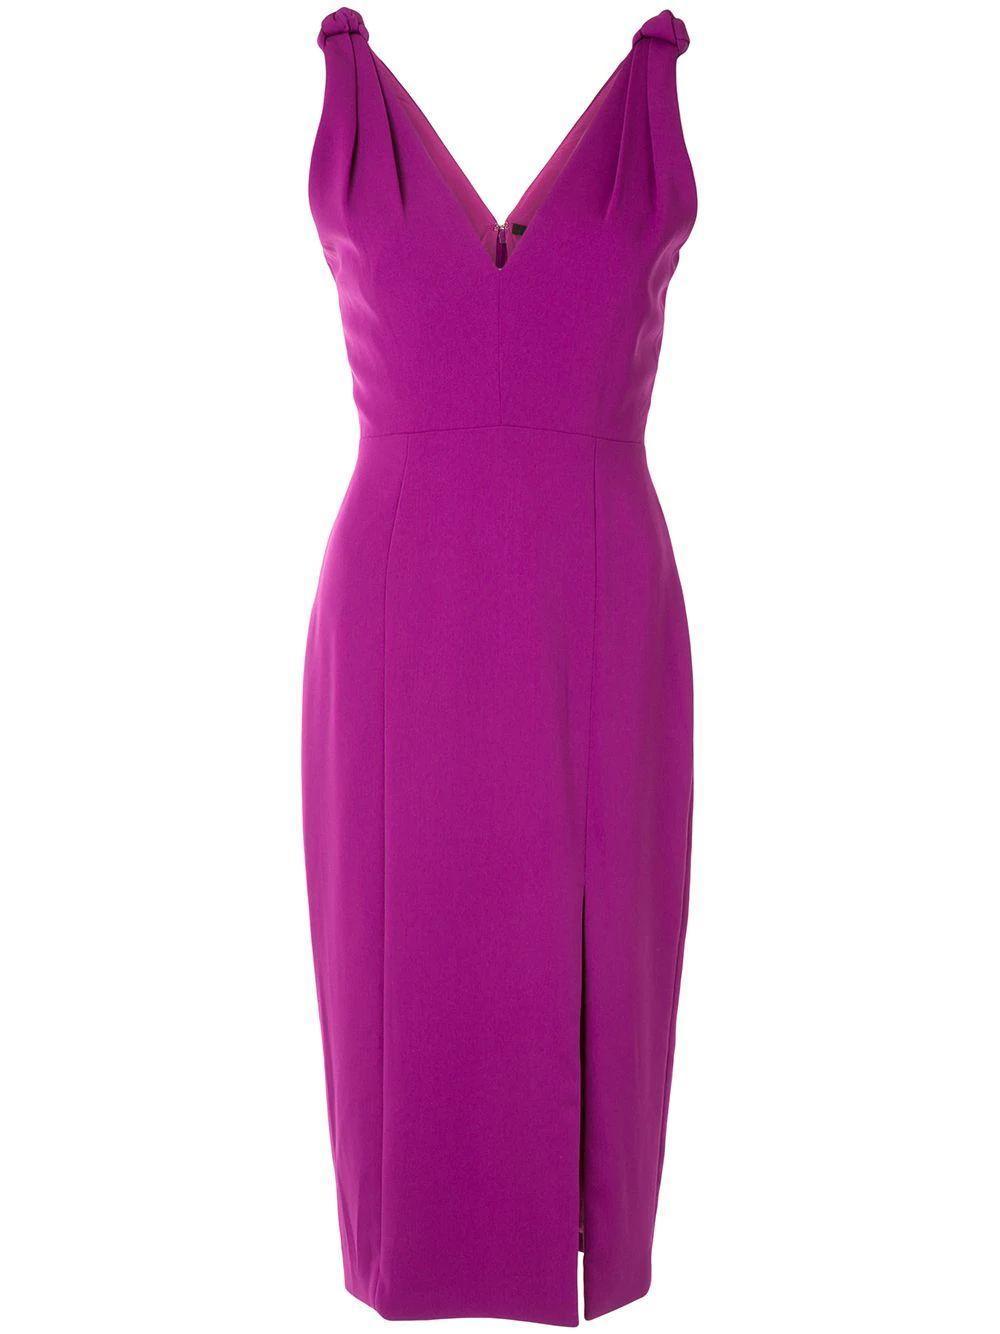 Violet Knot Shoulder Midi Dress Item # 126302